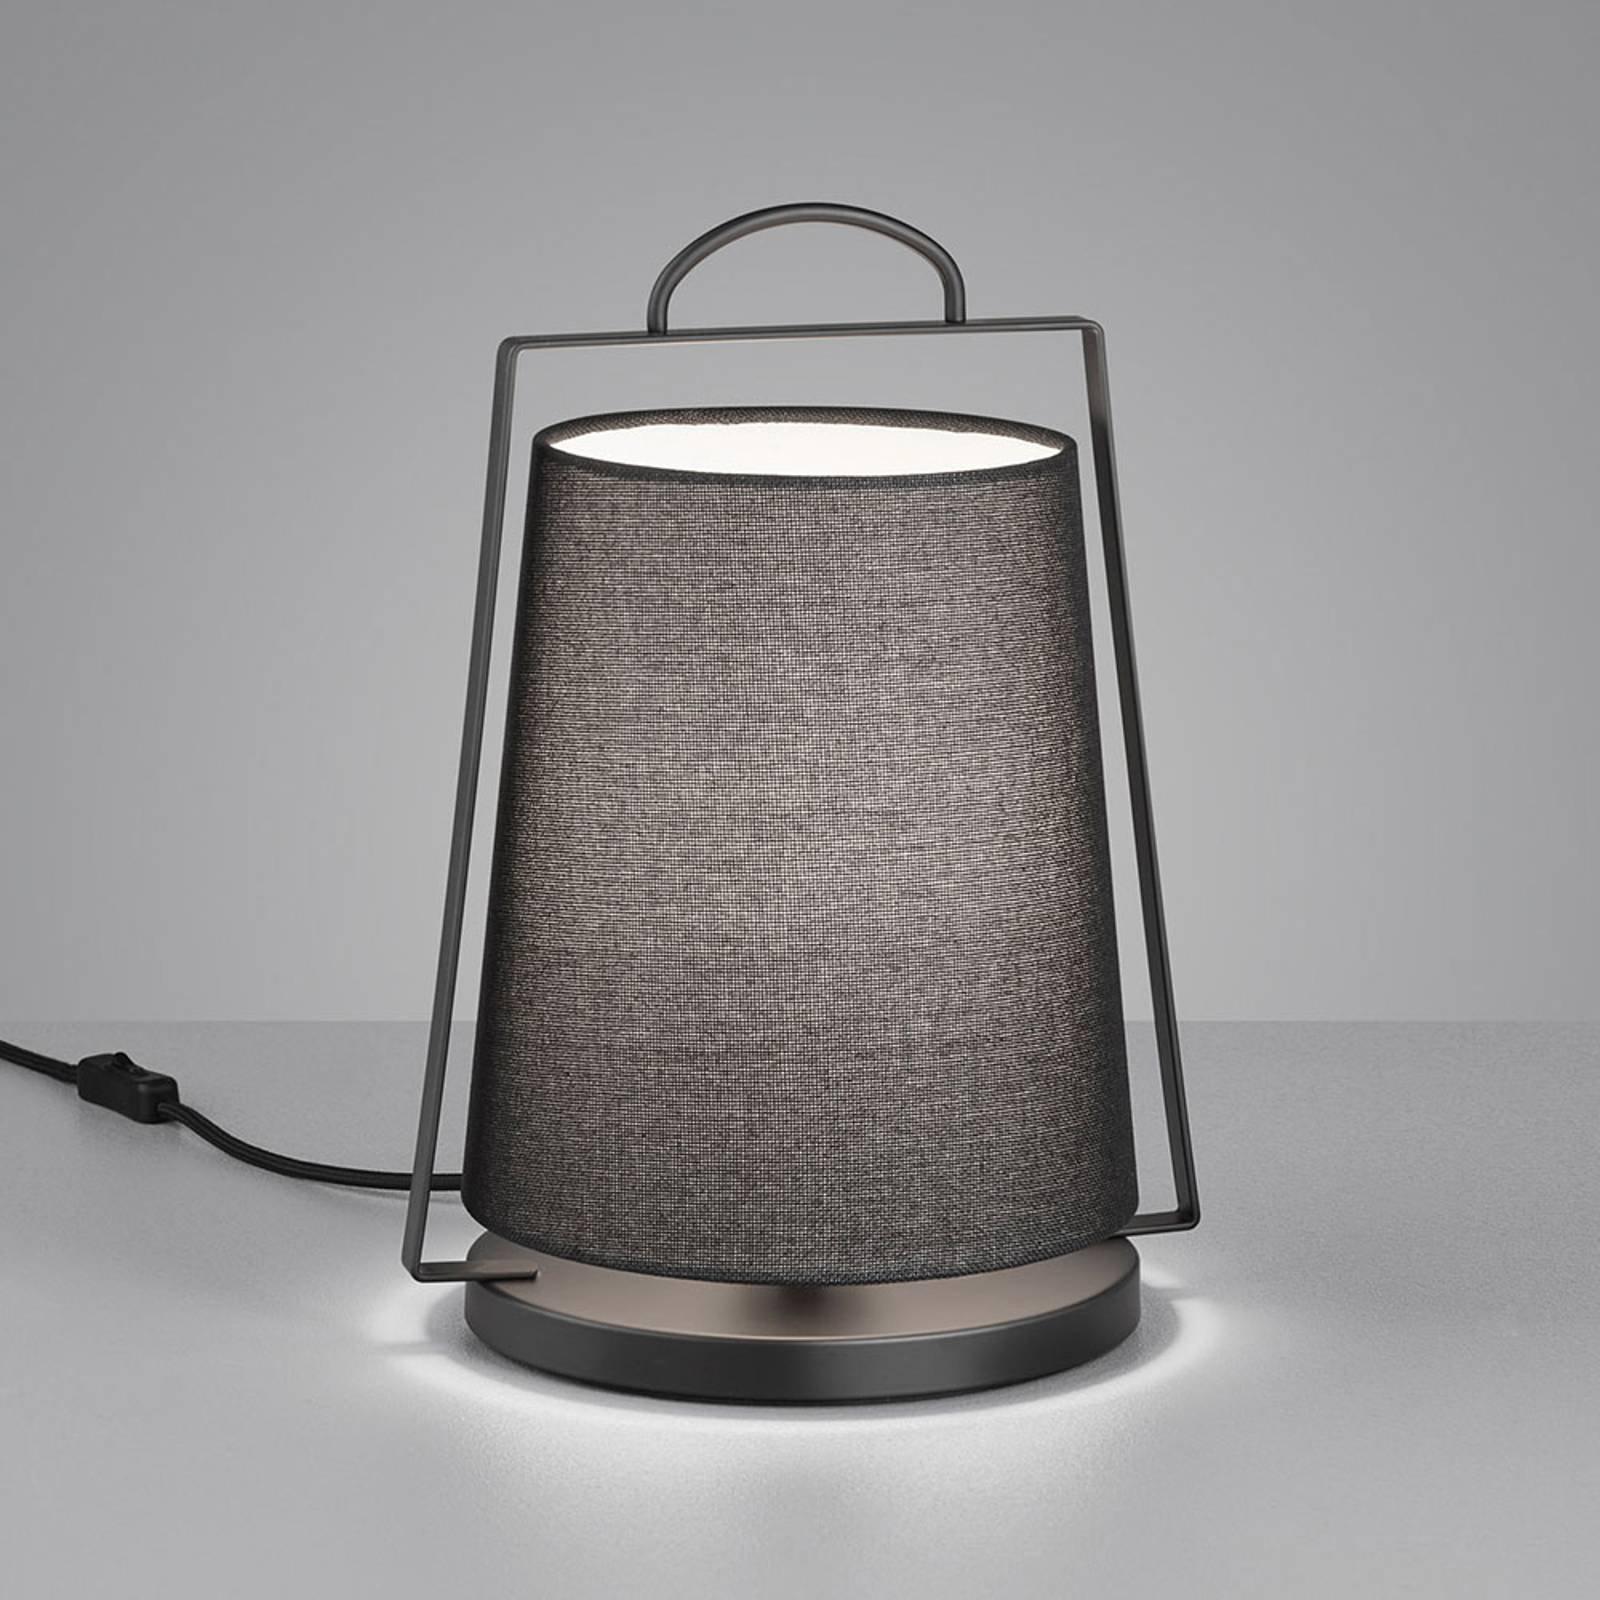 Helestra Uka bordlampe med tekstilskjerm, svart